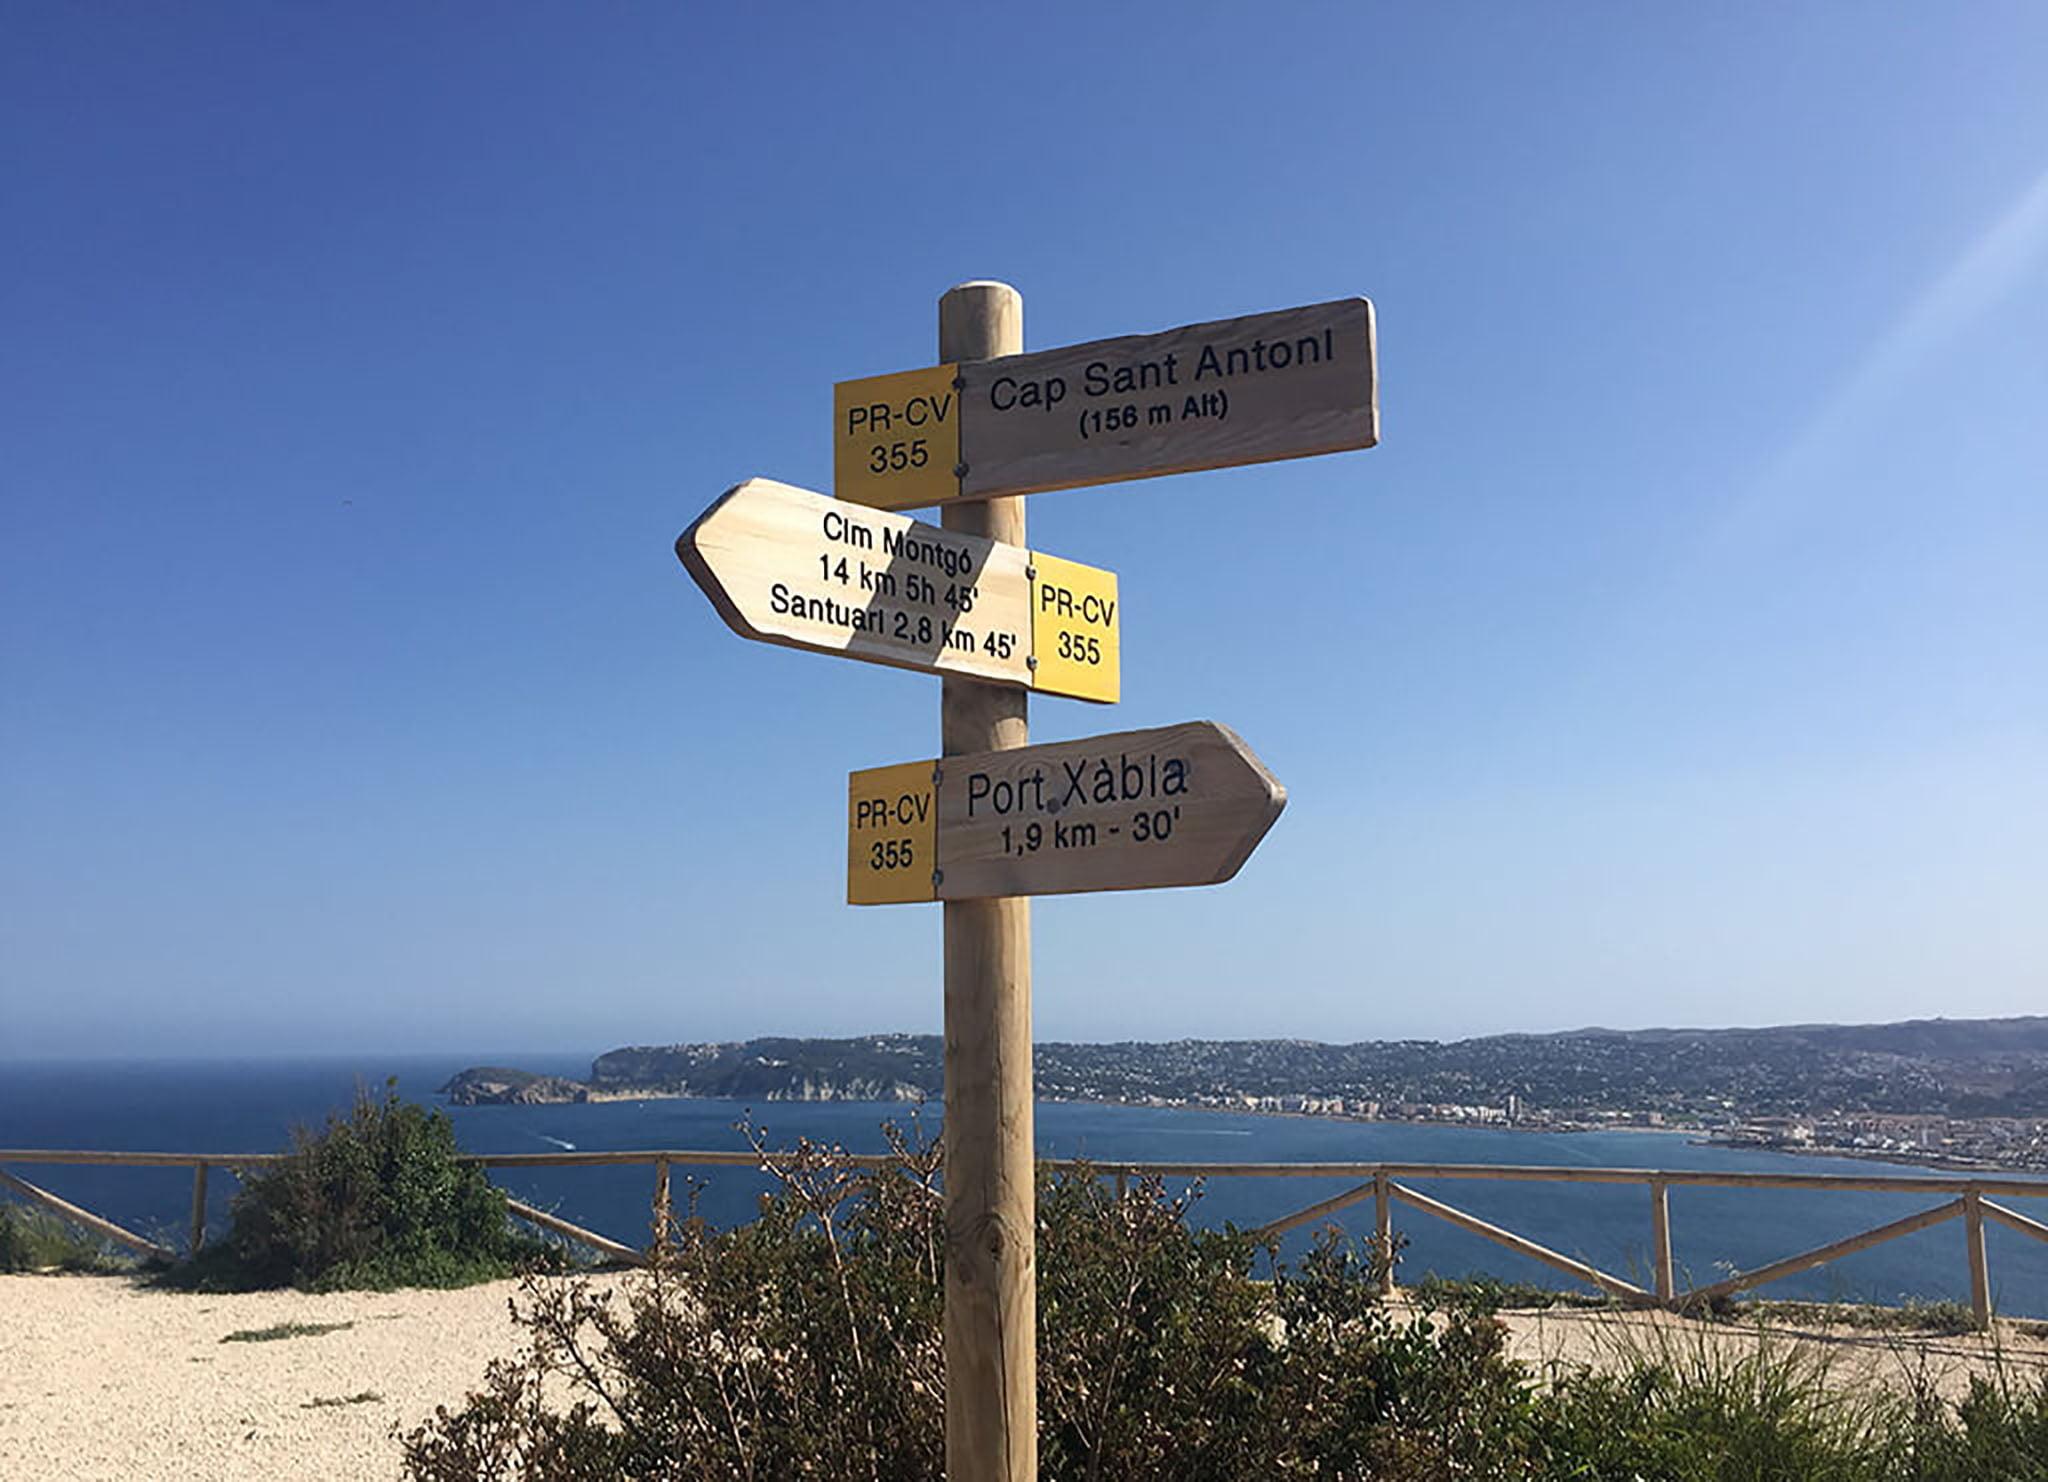 Indicaciones de la ruta desde el Cabo de San Antonio